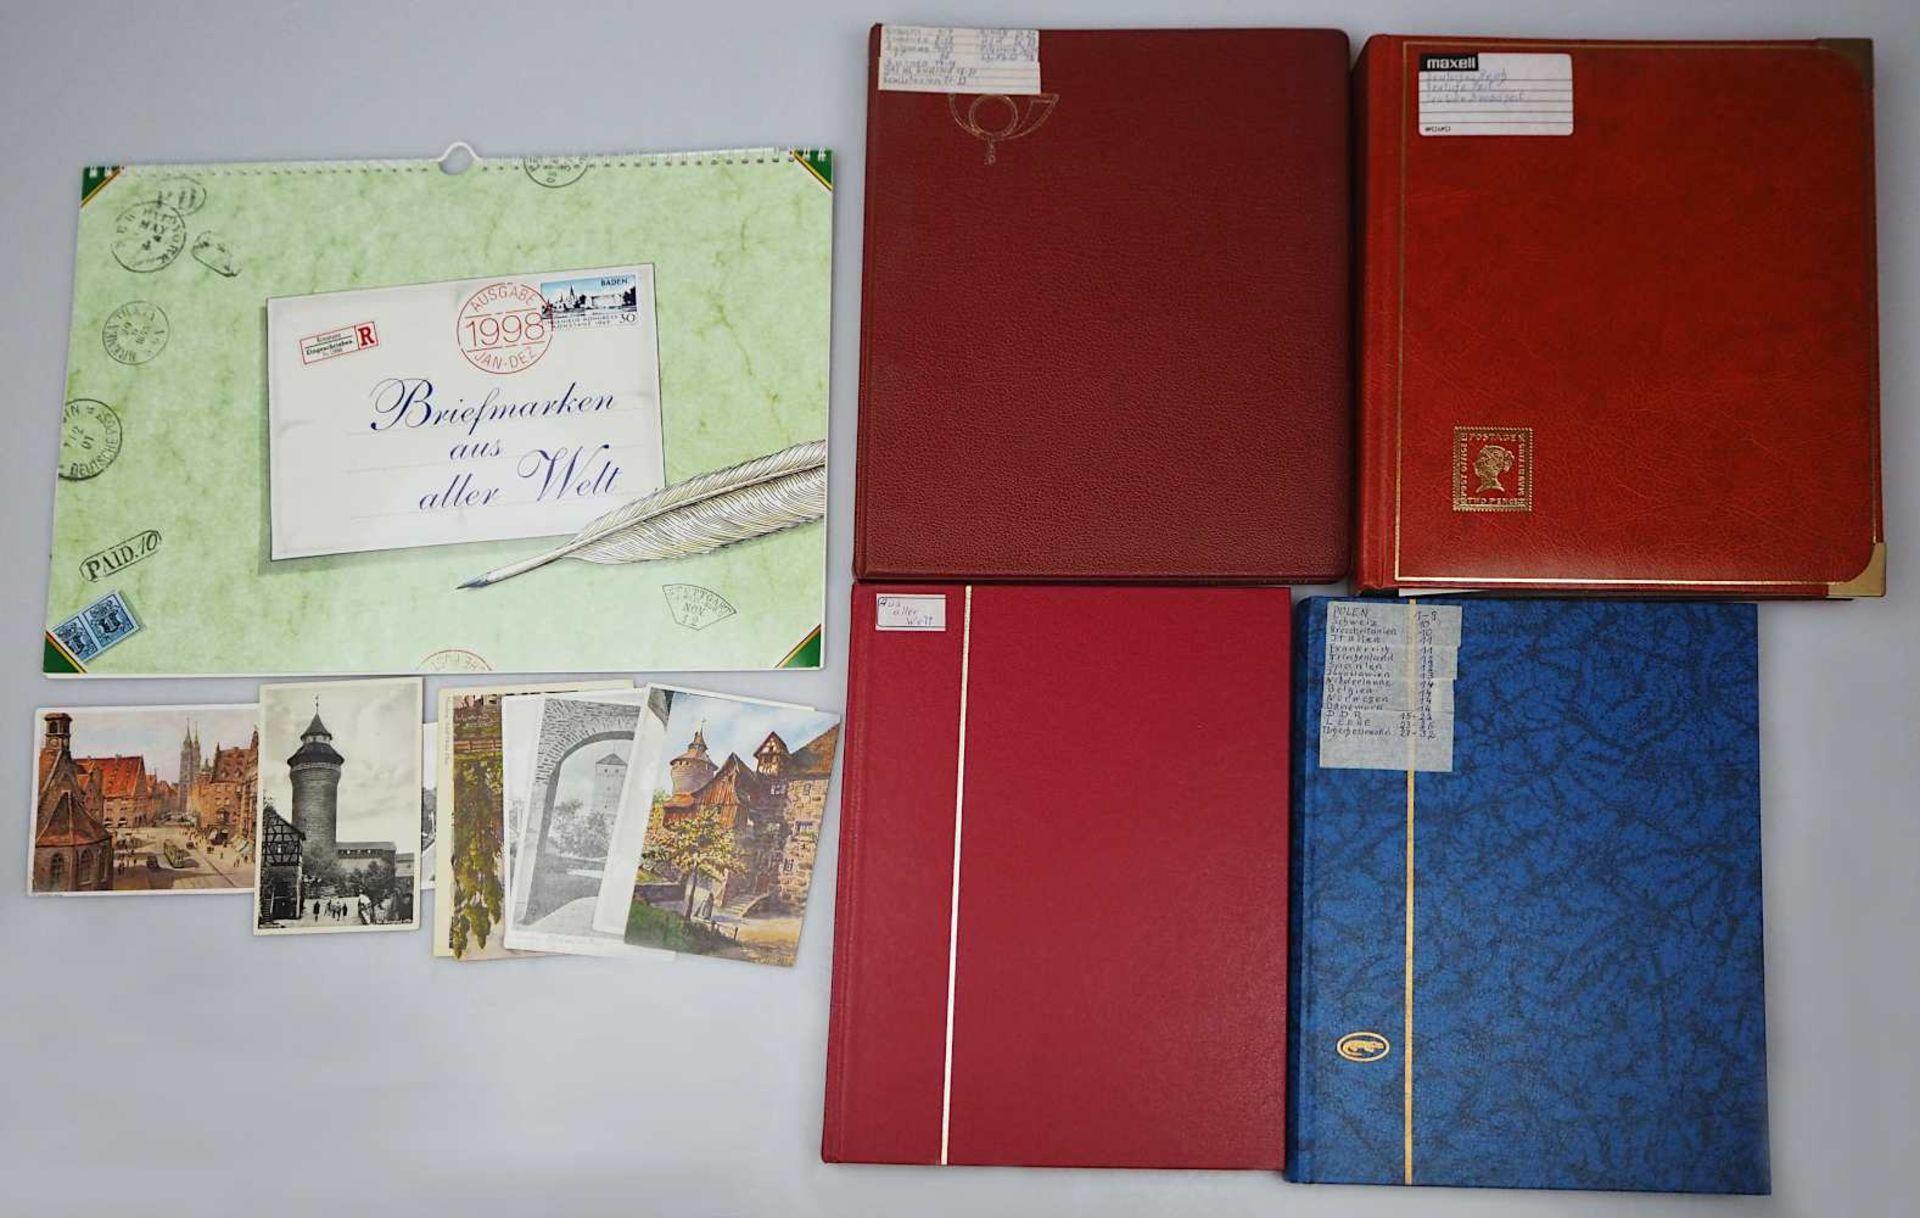 1 Konv. Briefmarken in 4 Alben: Deutsches Reich, BRD, DDR, 3. Reich, Alle Welt sowie 1